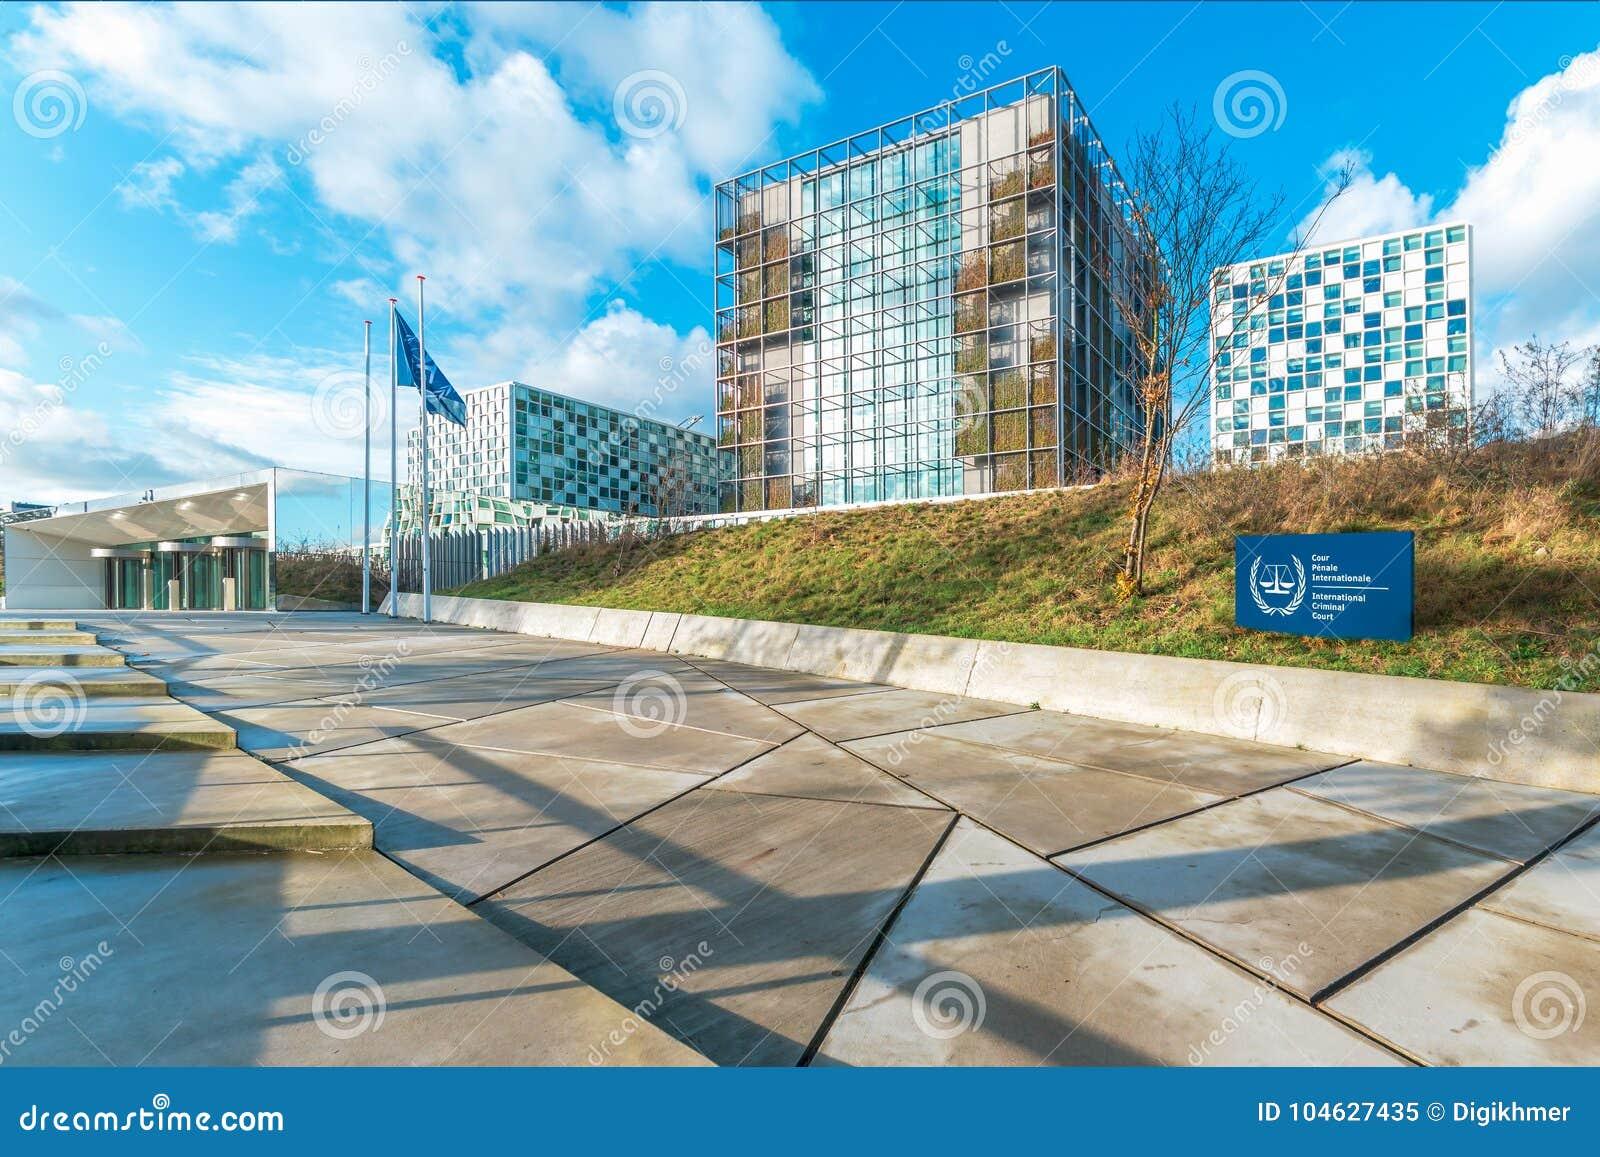 Download Internationaal Strafrechtergebouw Redactionele Afbeelding - Afbeelding bestaande uit oorlog, holland: 104627435